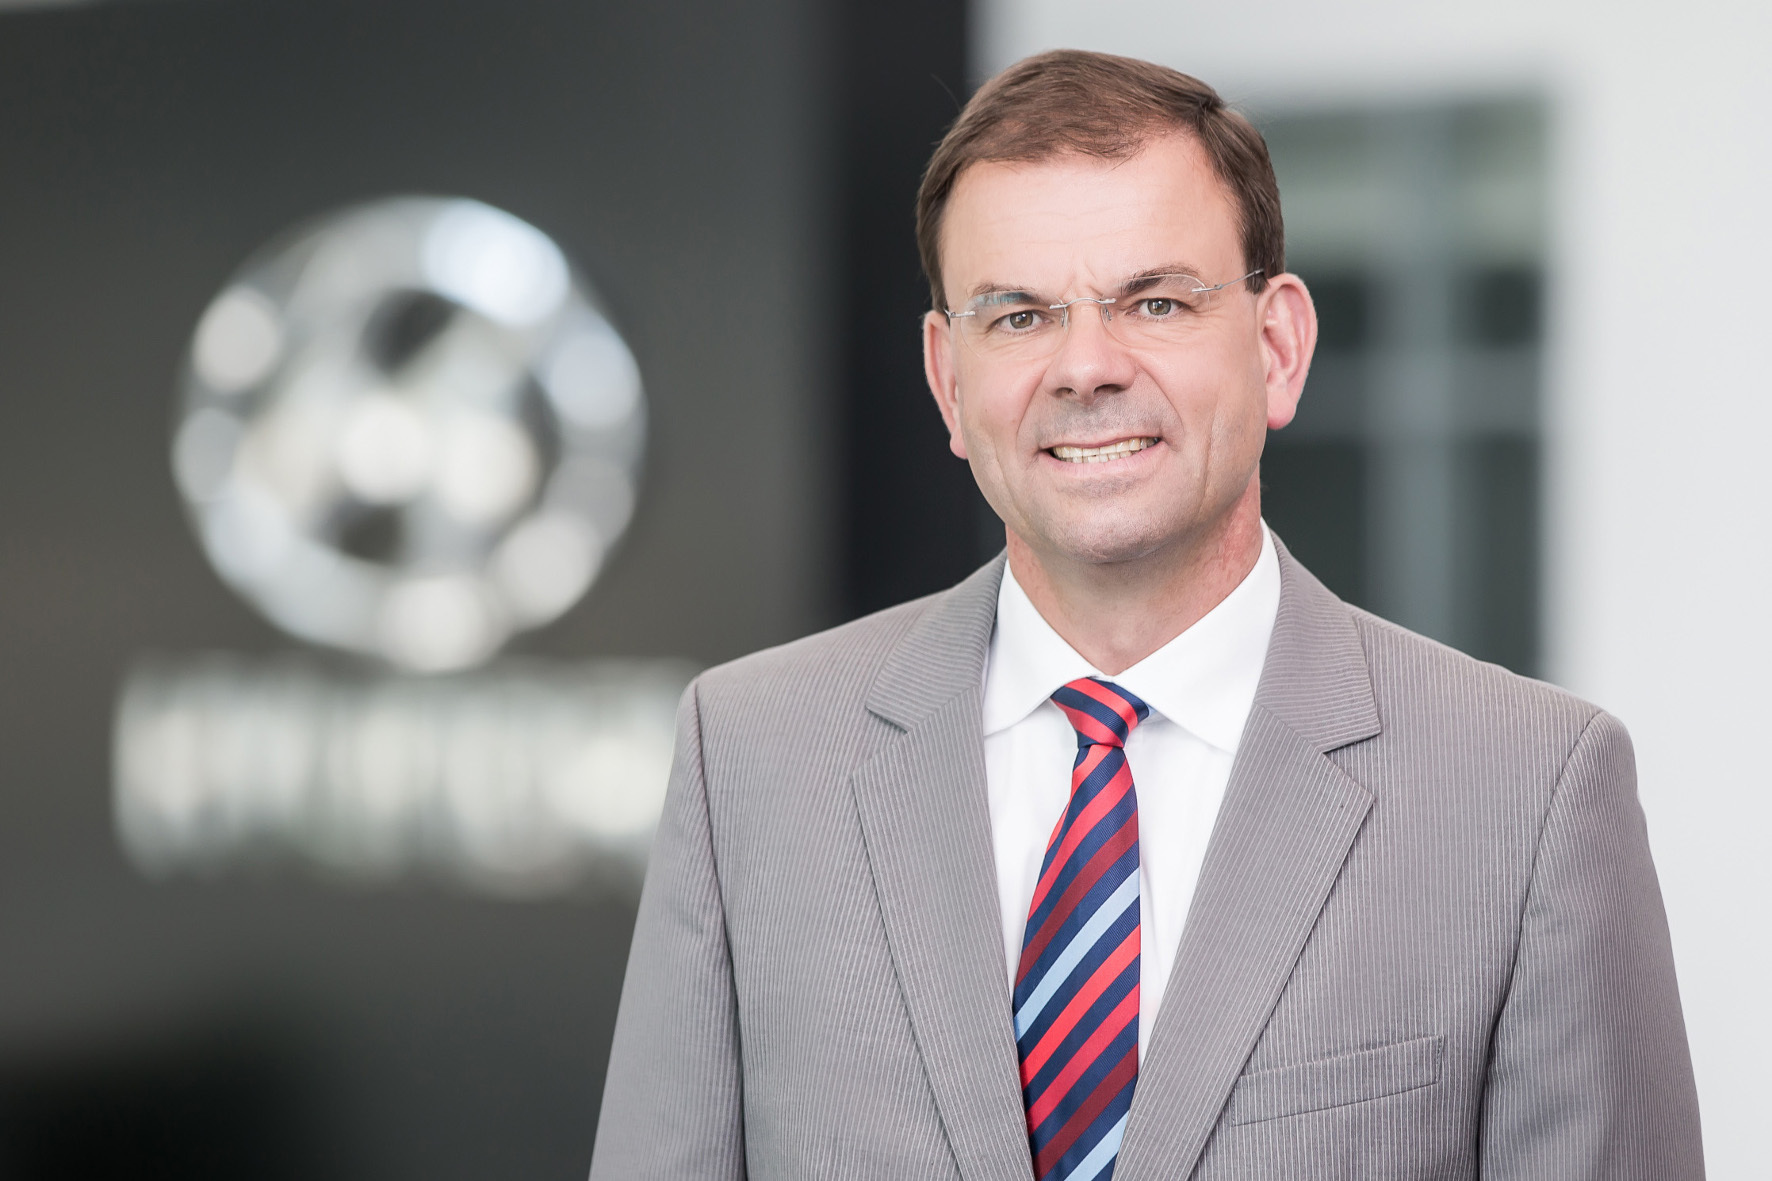 mid Groß-Gerau - Setzt auf die Breitenwirkung der Europameisterschaft im Fußball: Hyundai Motor Deutschland Geschäftsführer Markus Schrick.